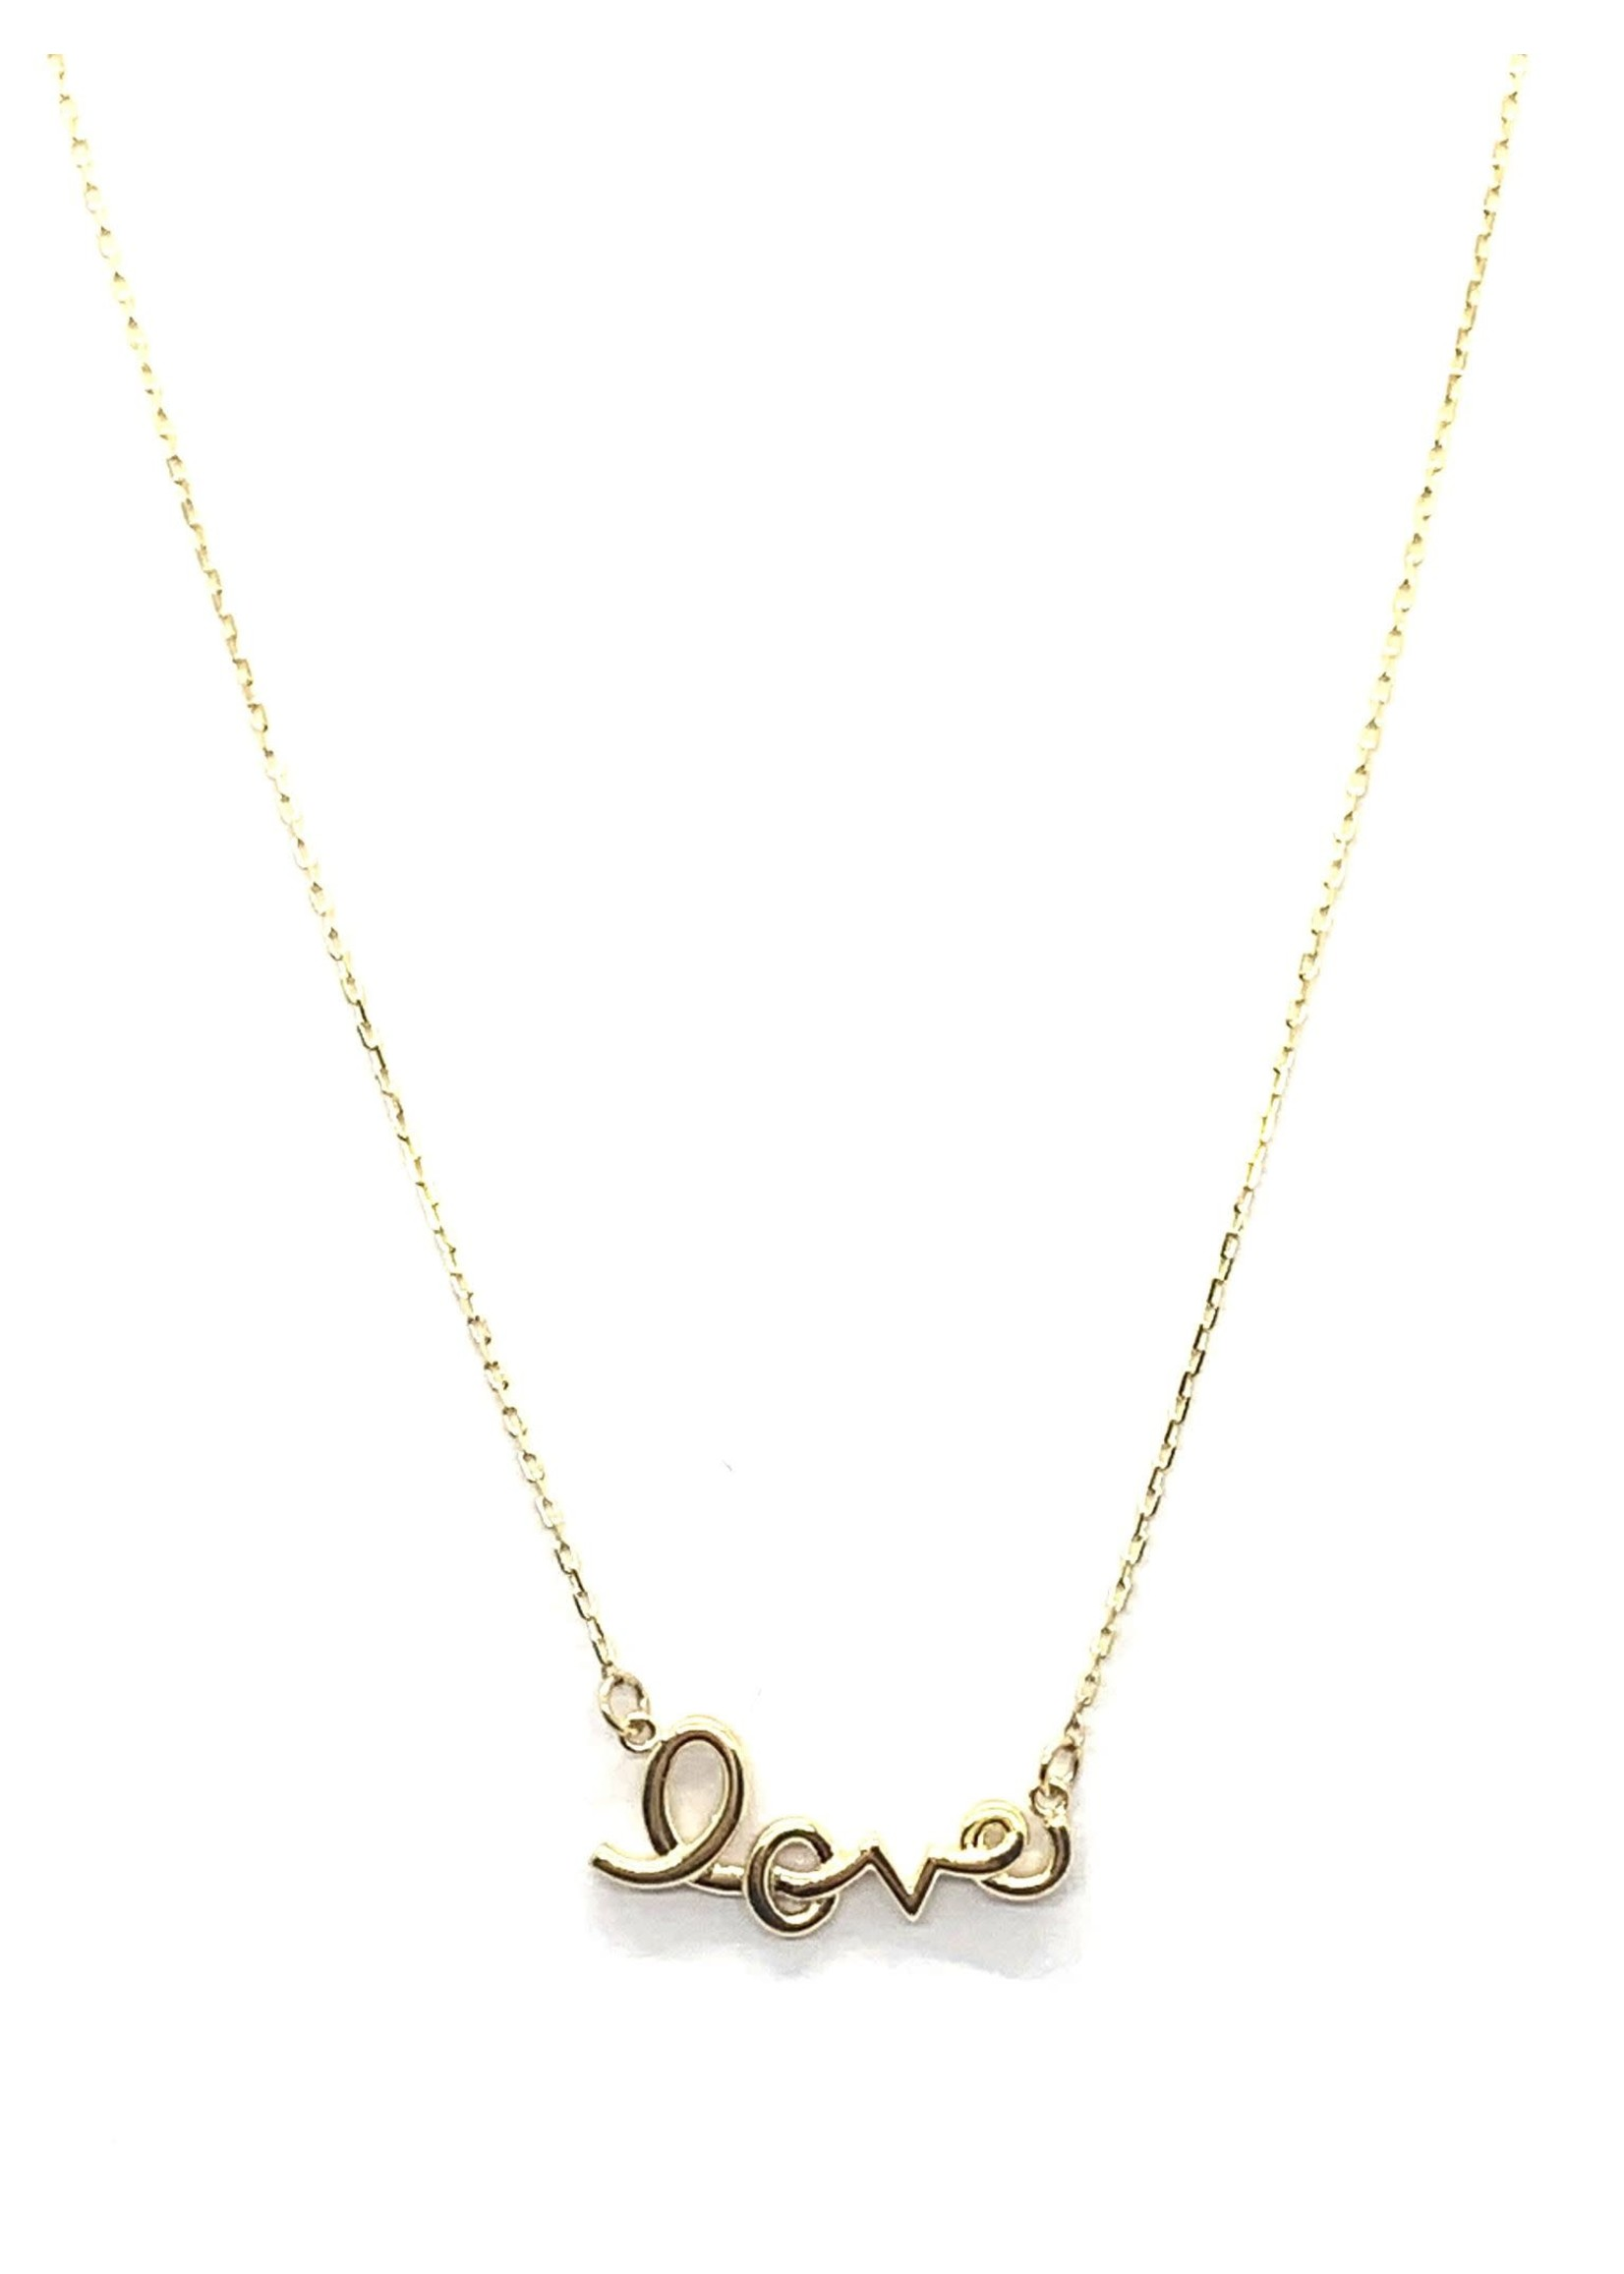 PARÉ Collier « Love » Chaîne Mini Forçat Or 10k